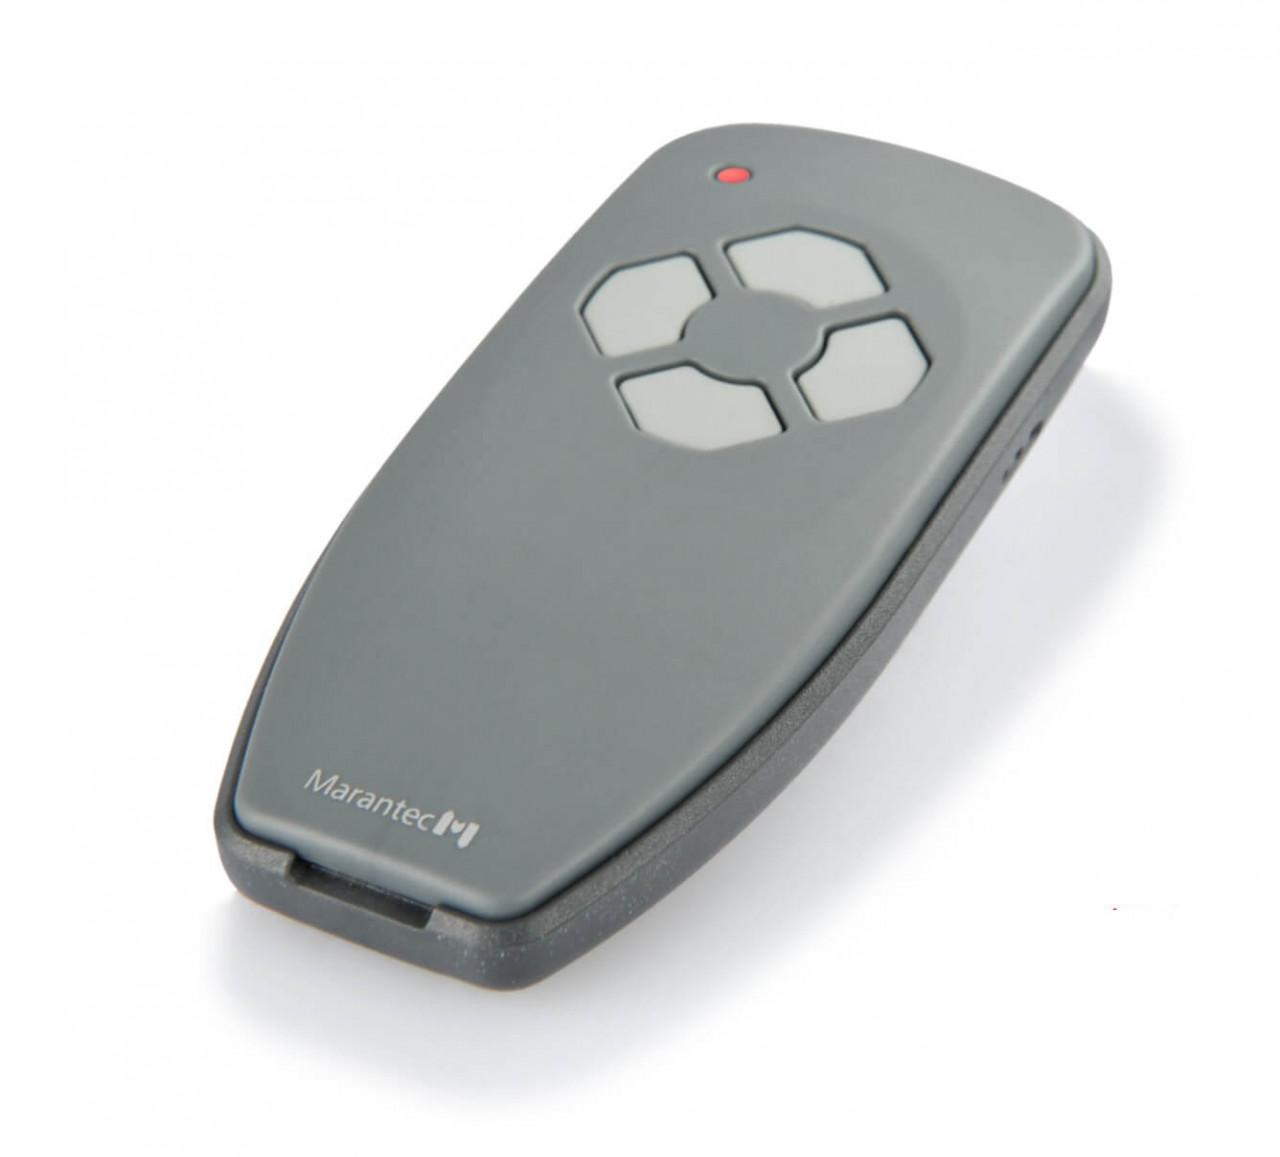 Marantec Digital 384 Handsender 4-Kanal 433,92 MHz